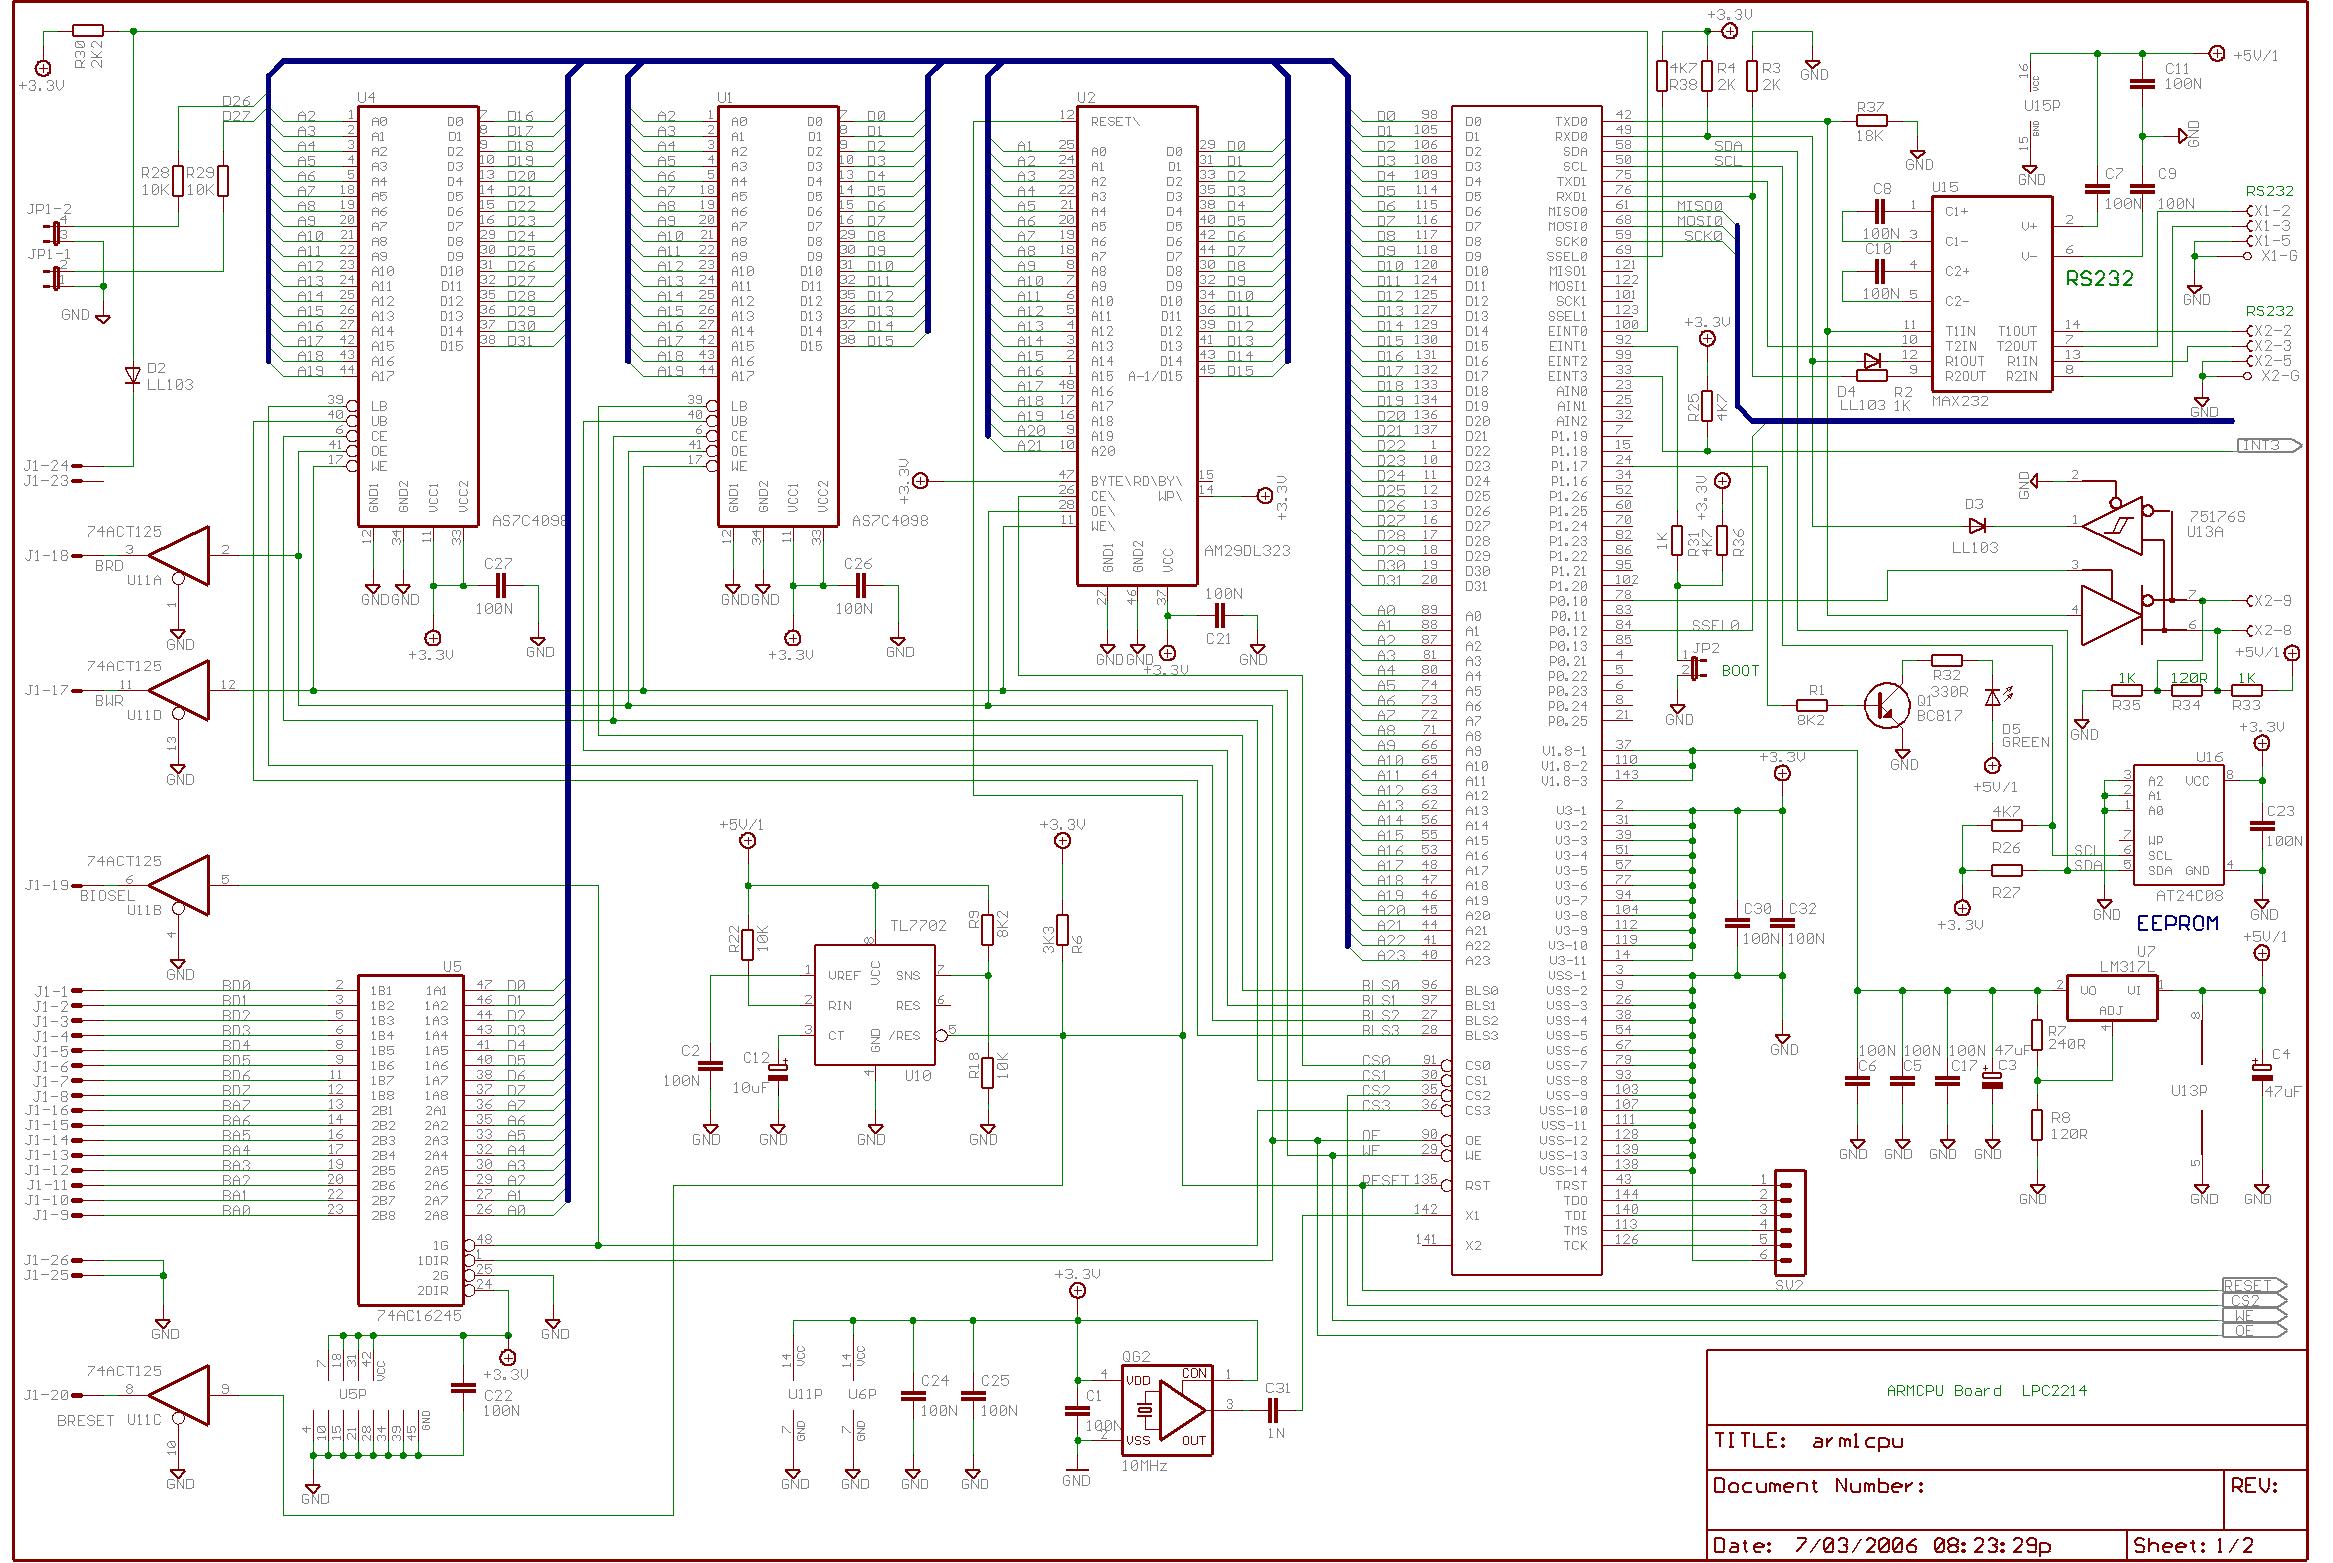 Wunderbar Elektronikschema Bilder - Elektrische Schaltplan-Ideen ...